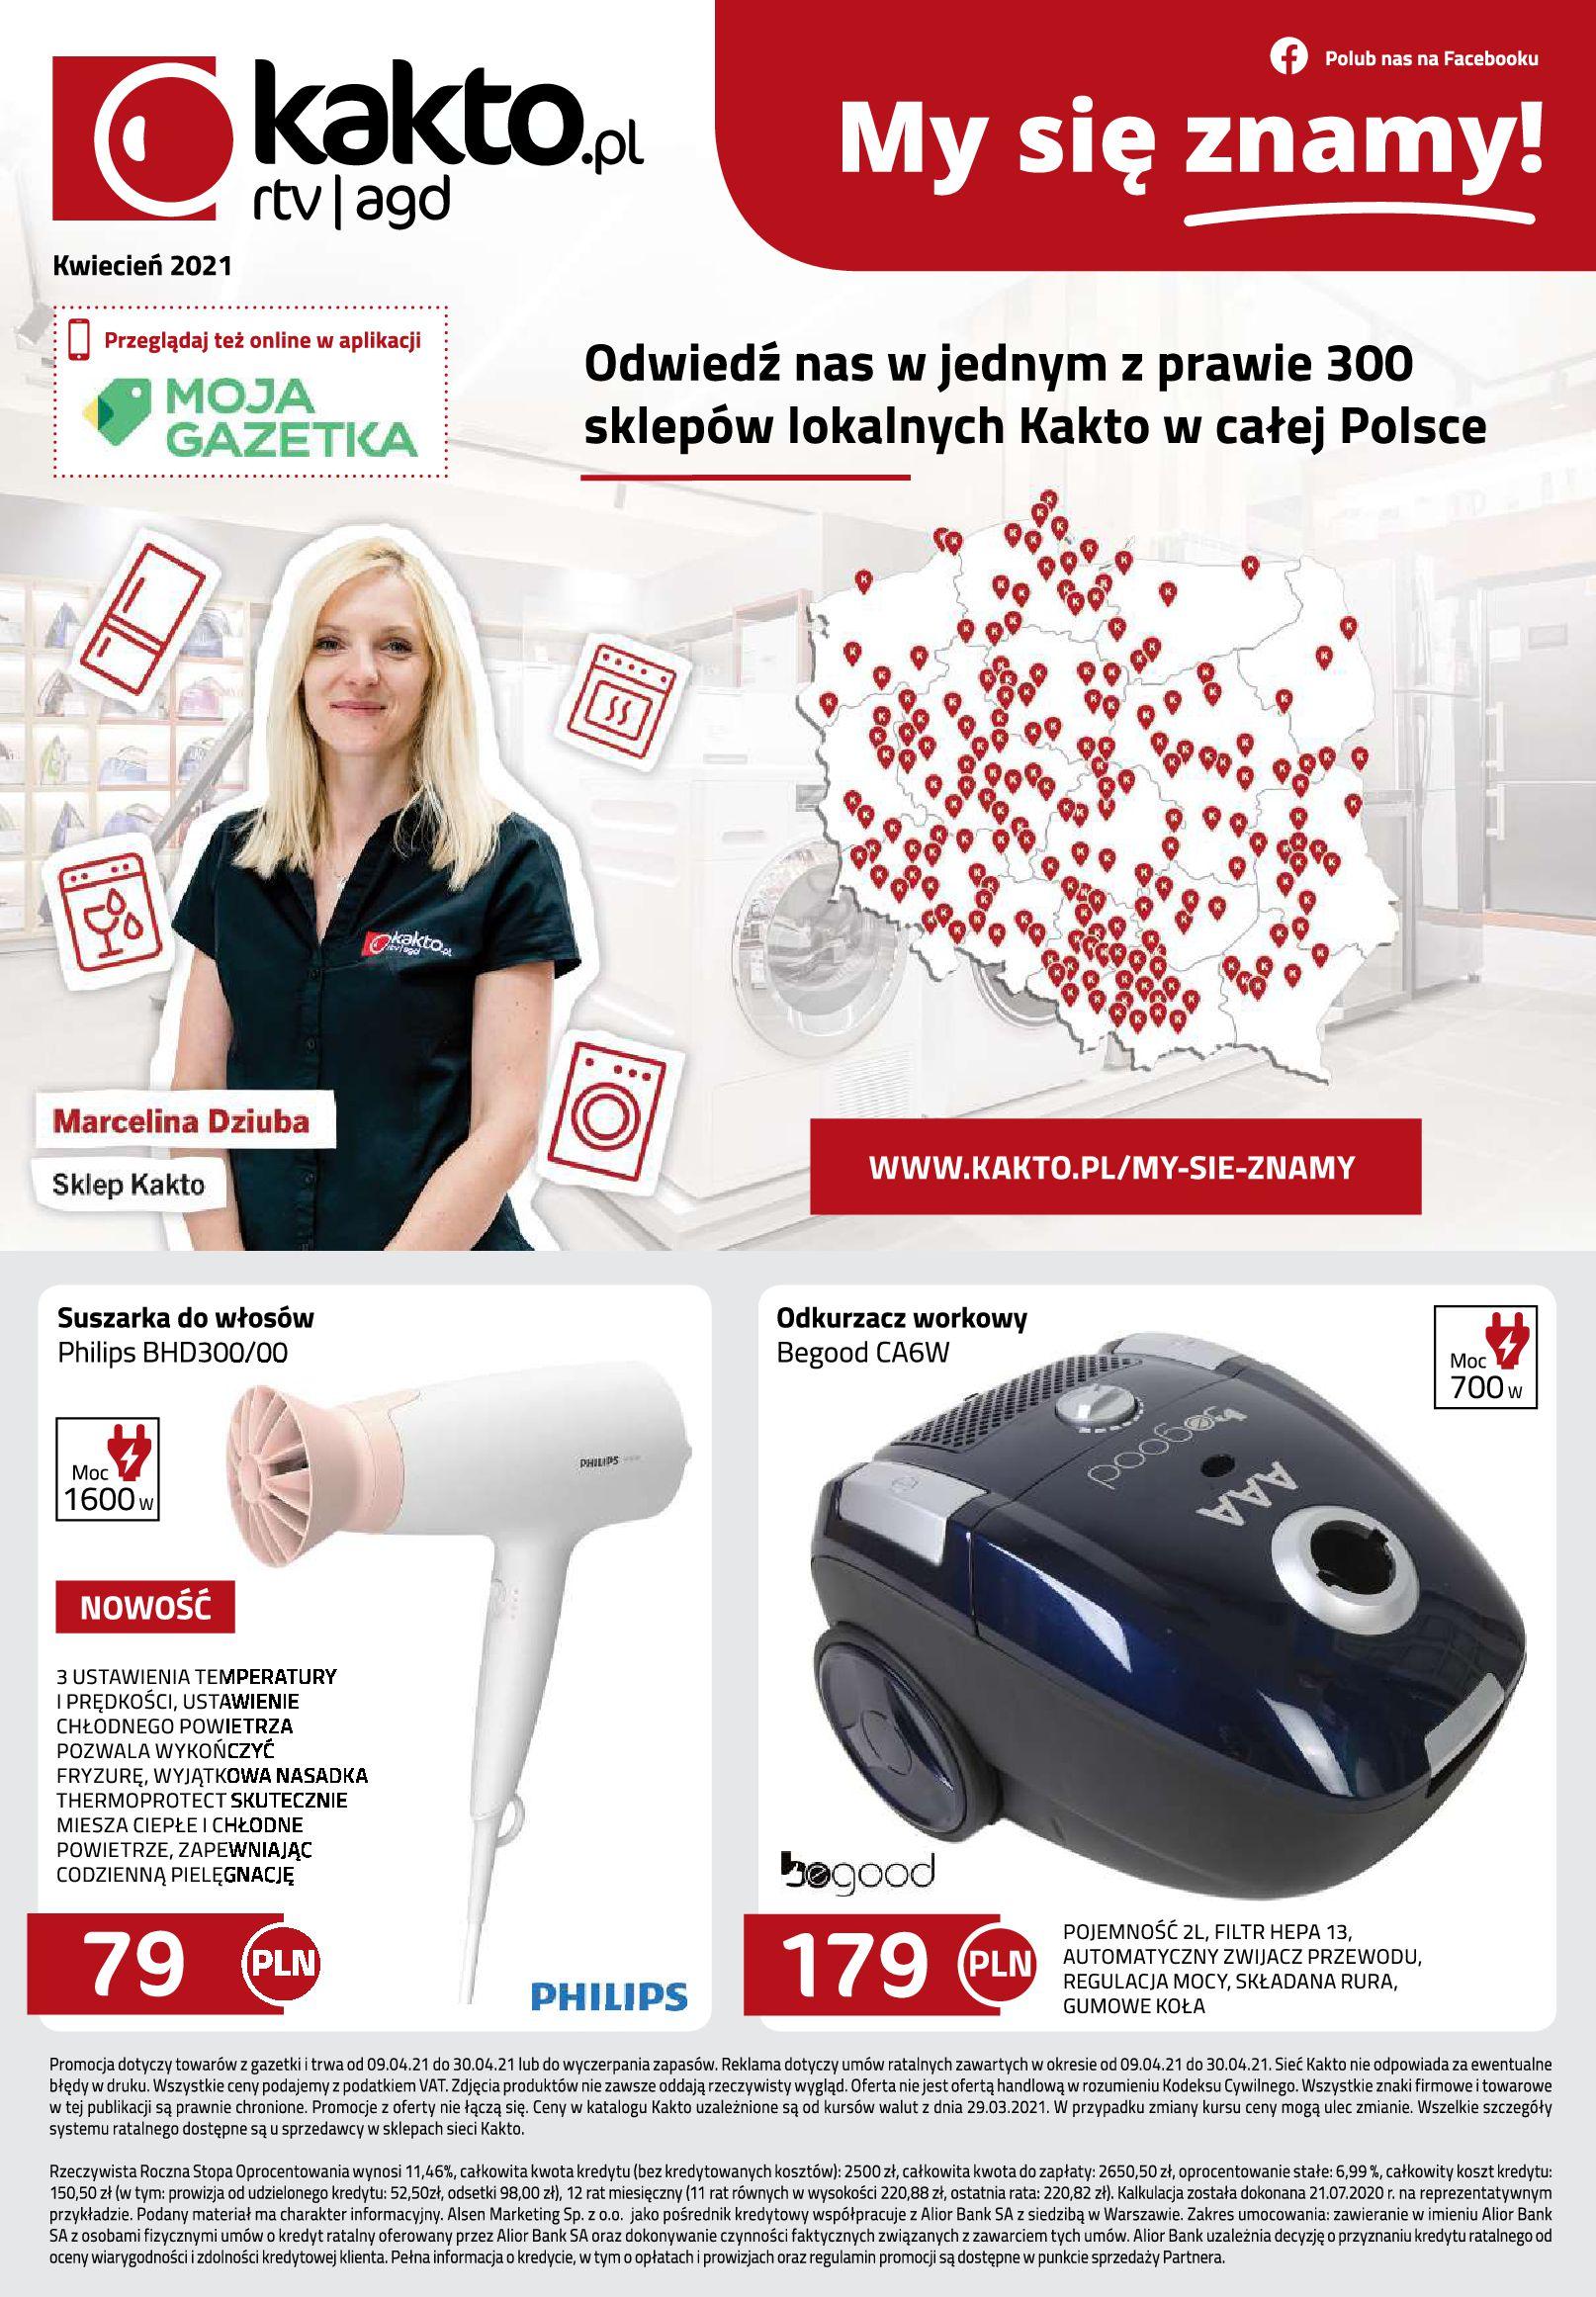 Gazetka kakto.pl: Gazetka Kwiecień 2021-04-09 page-8